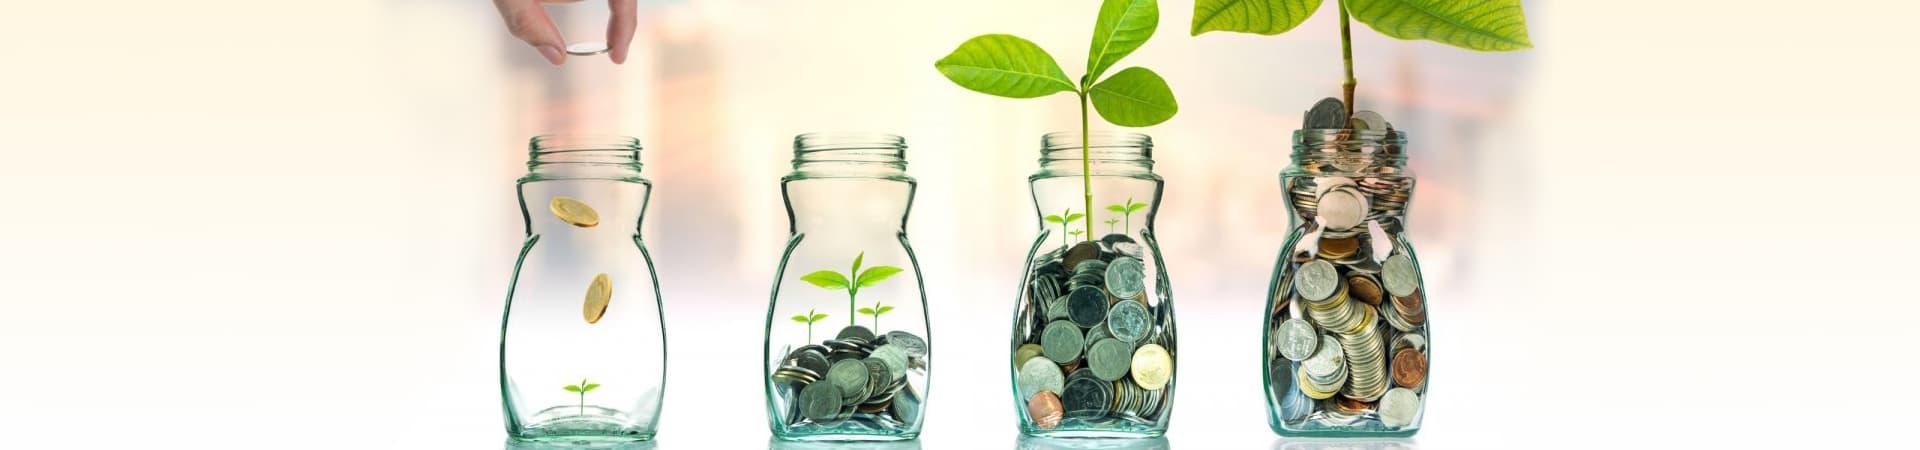 Что такое инвестиционный фонд